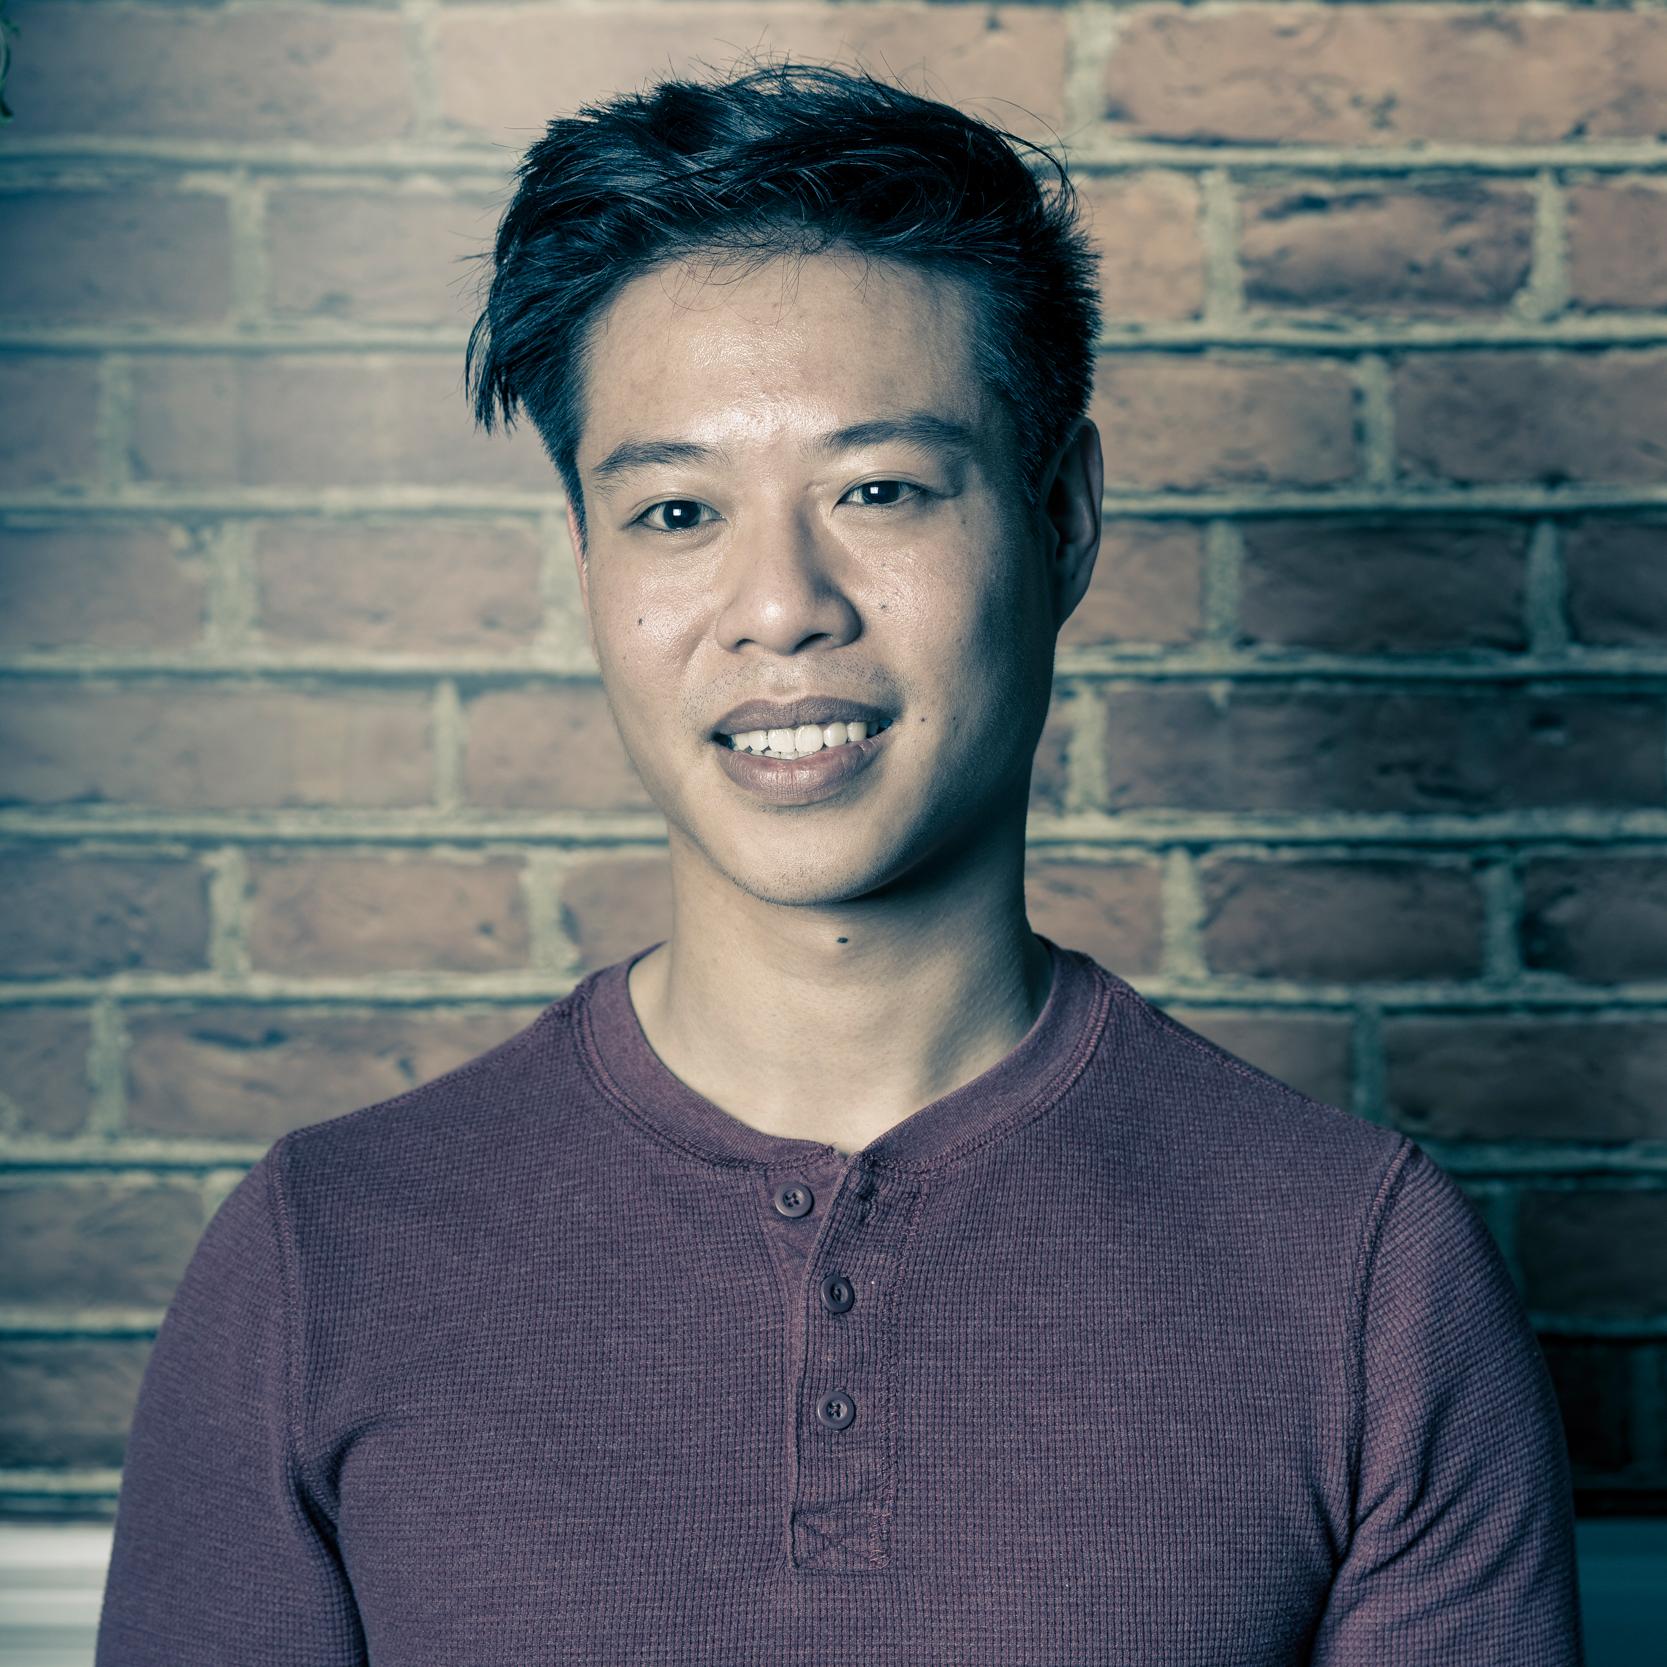 Bathe Nguyen